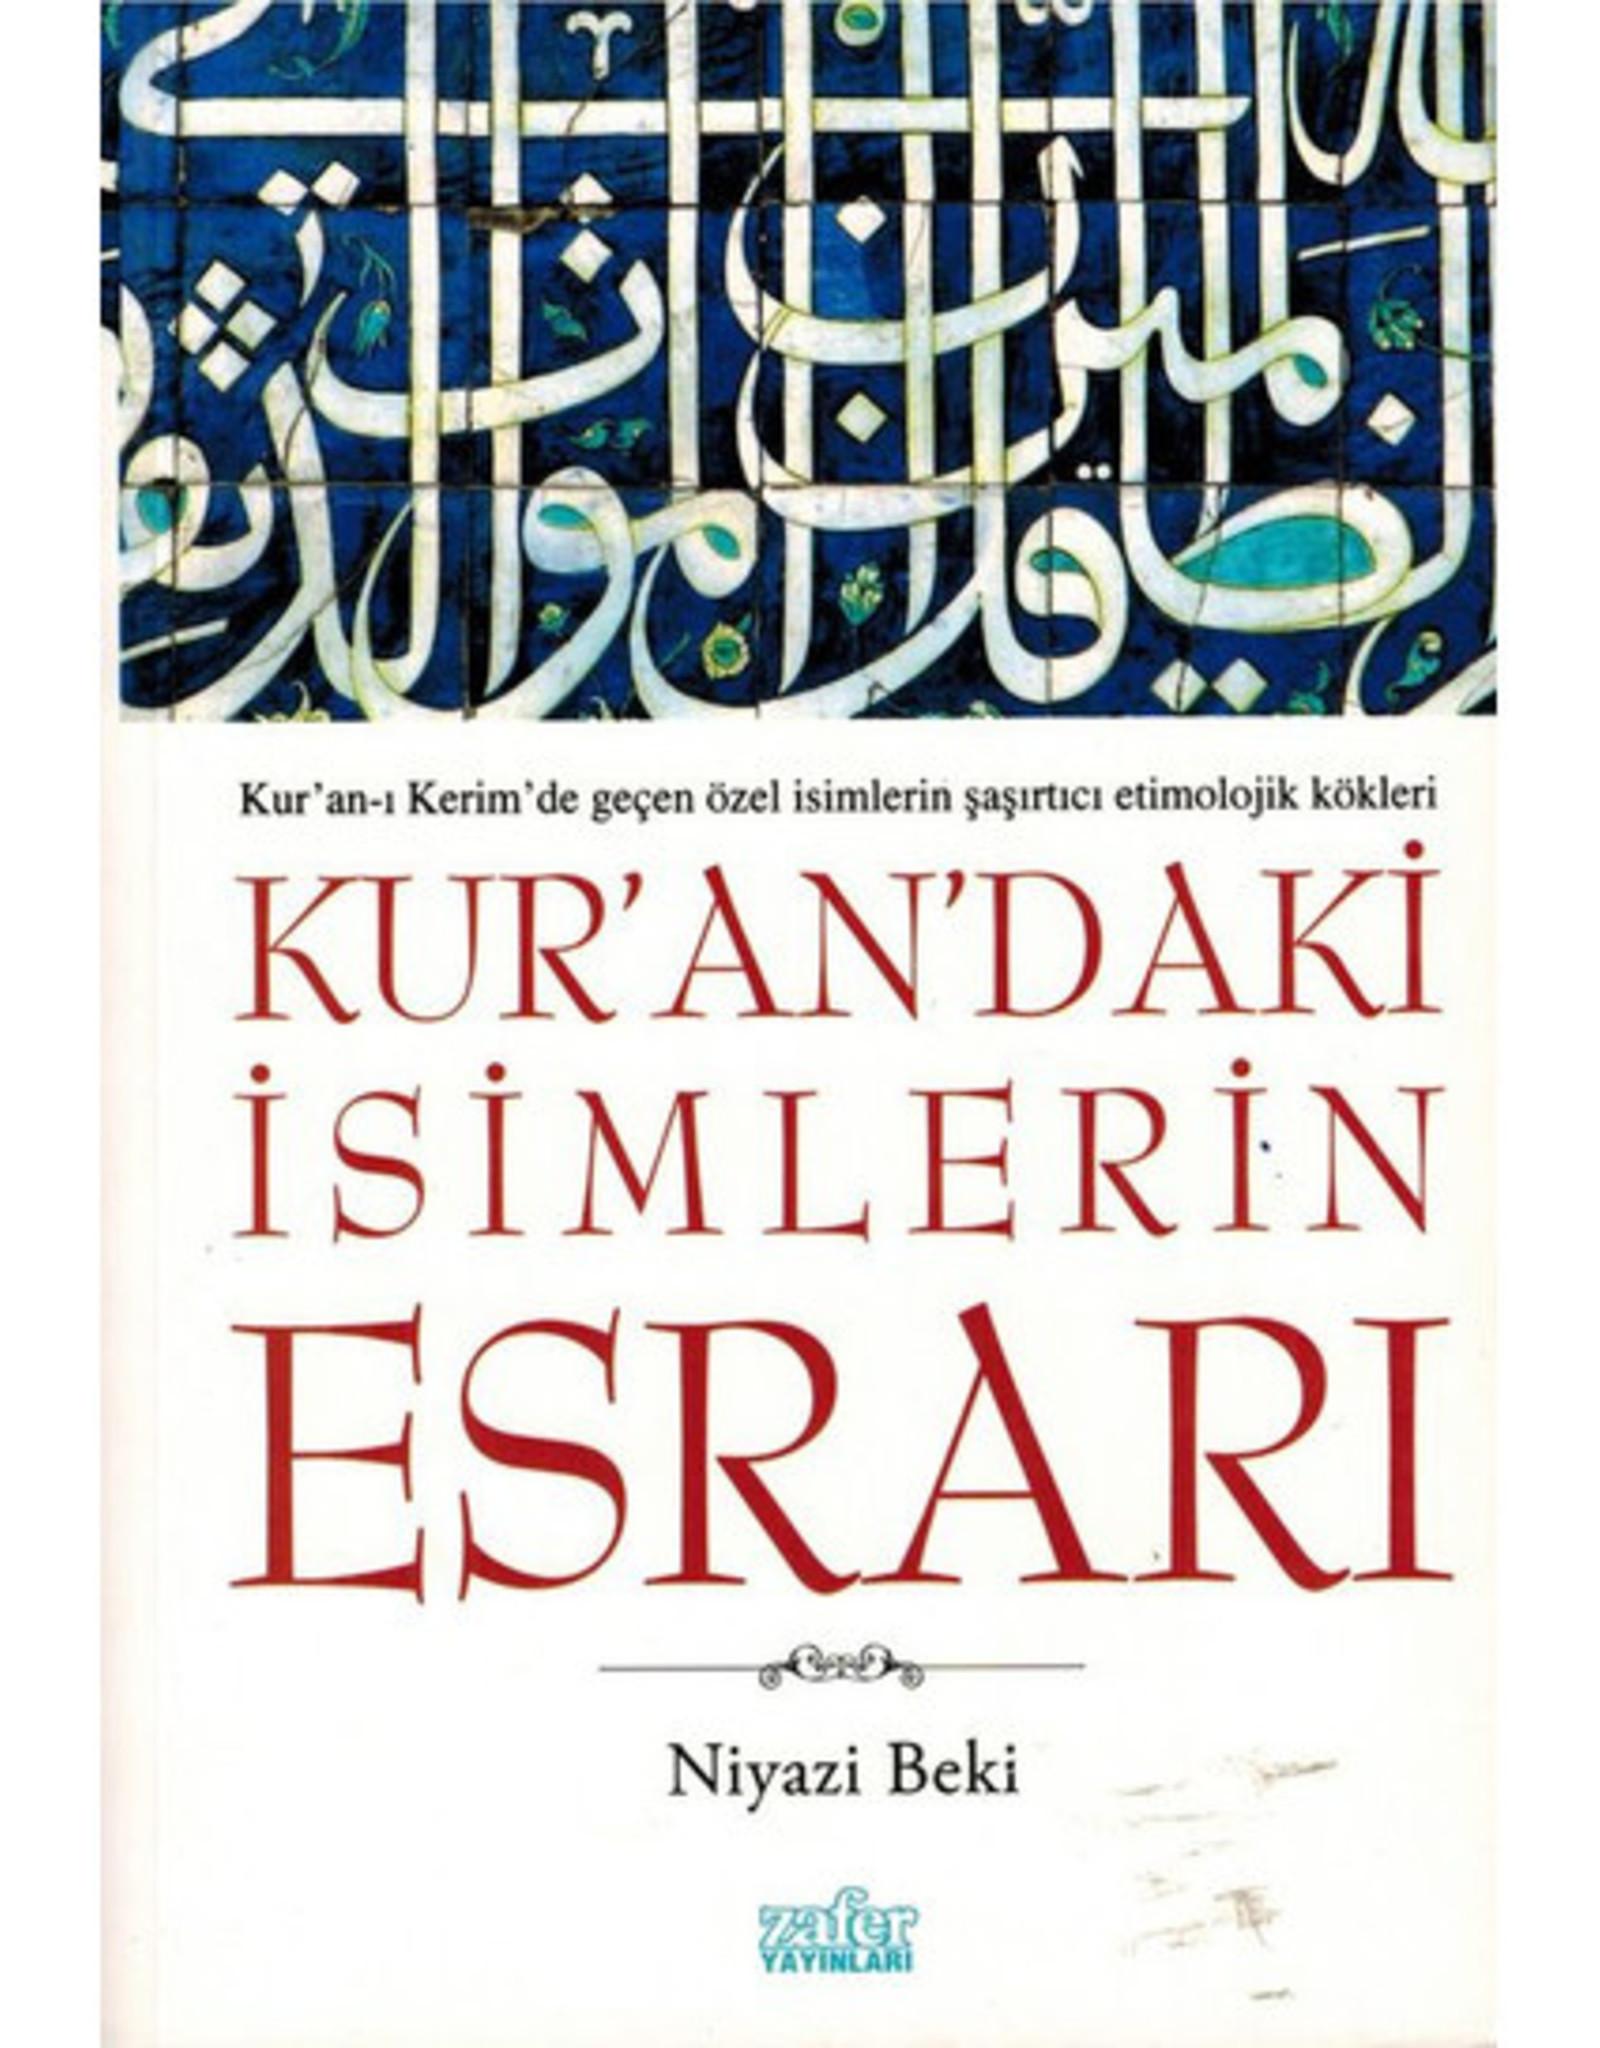 Kur'an'daki Isimlerin Esrarı